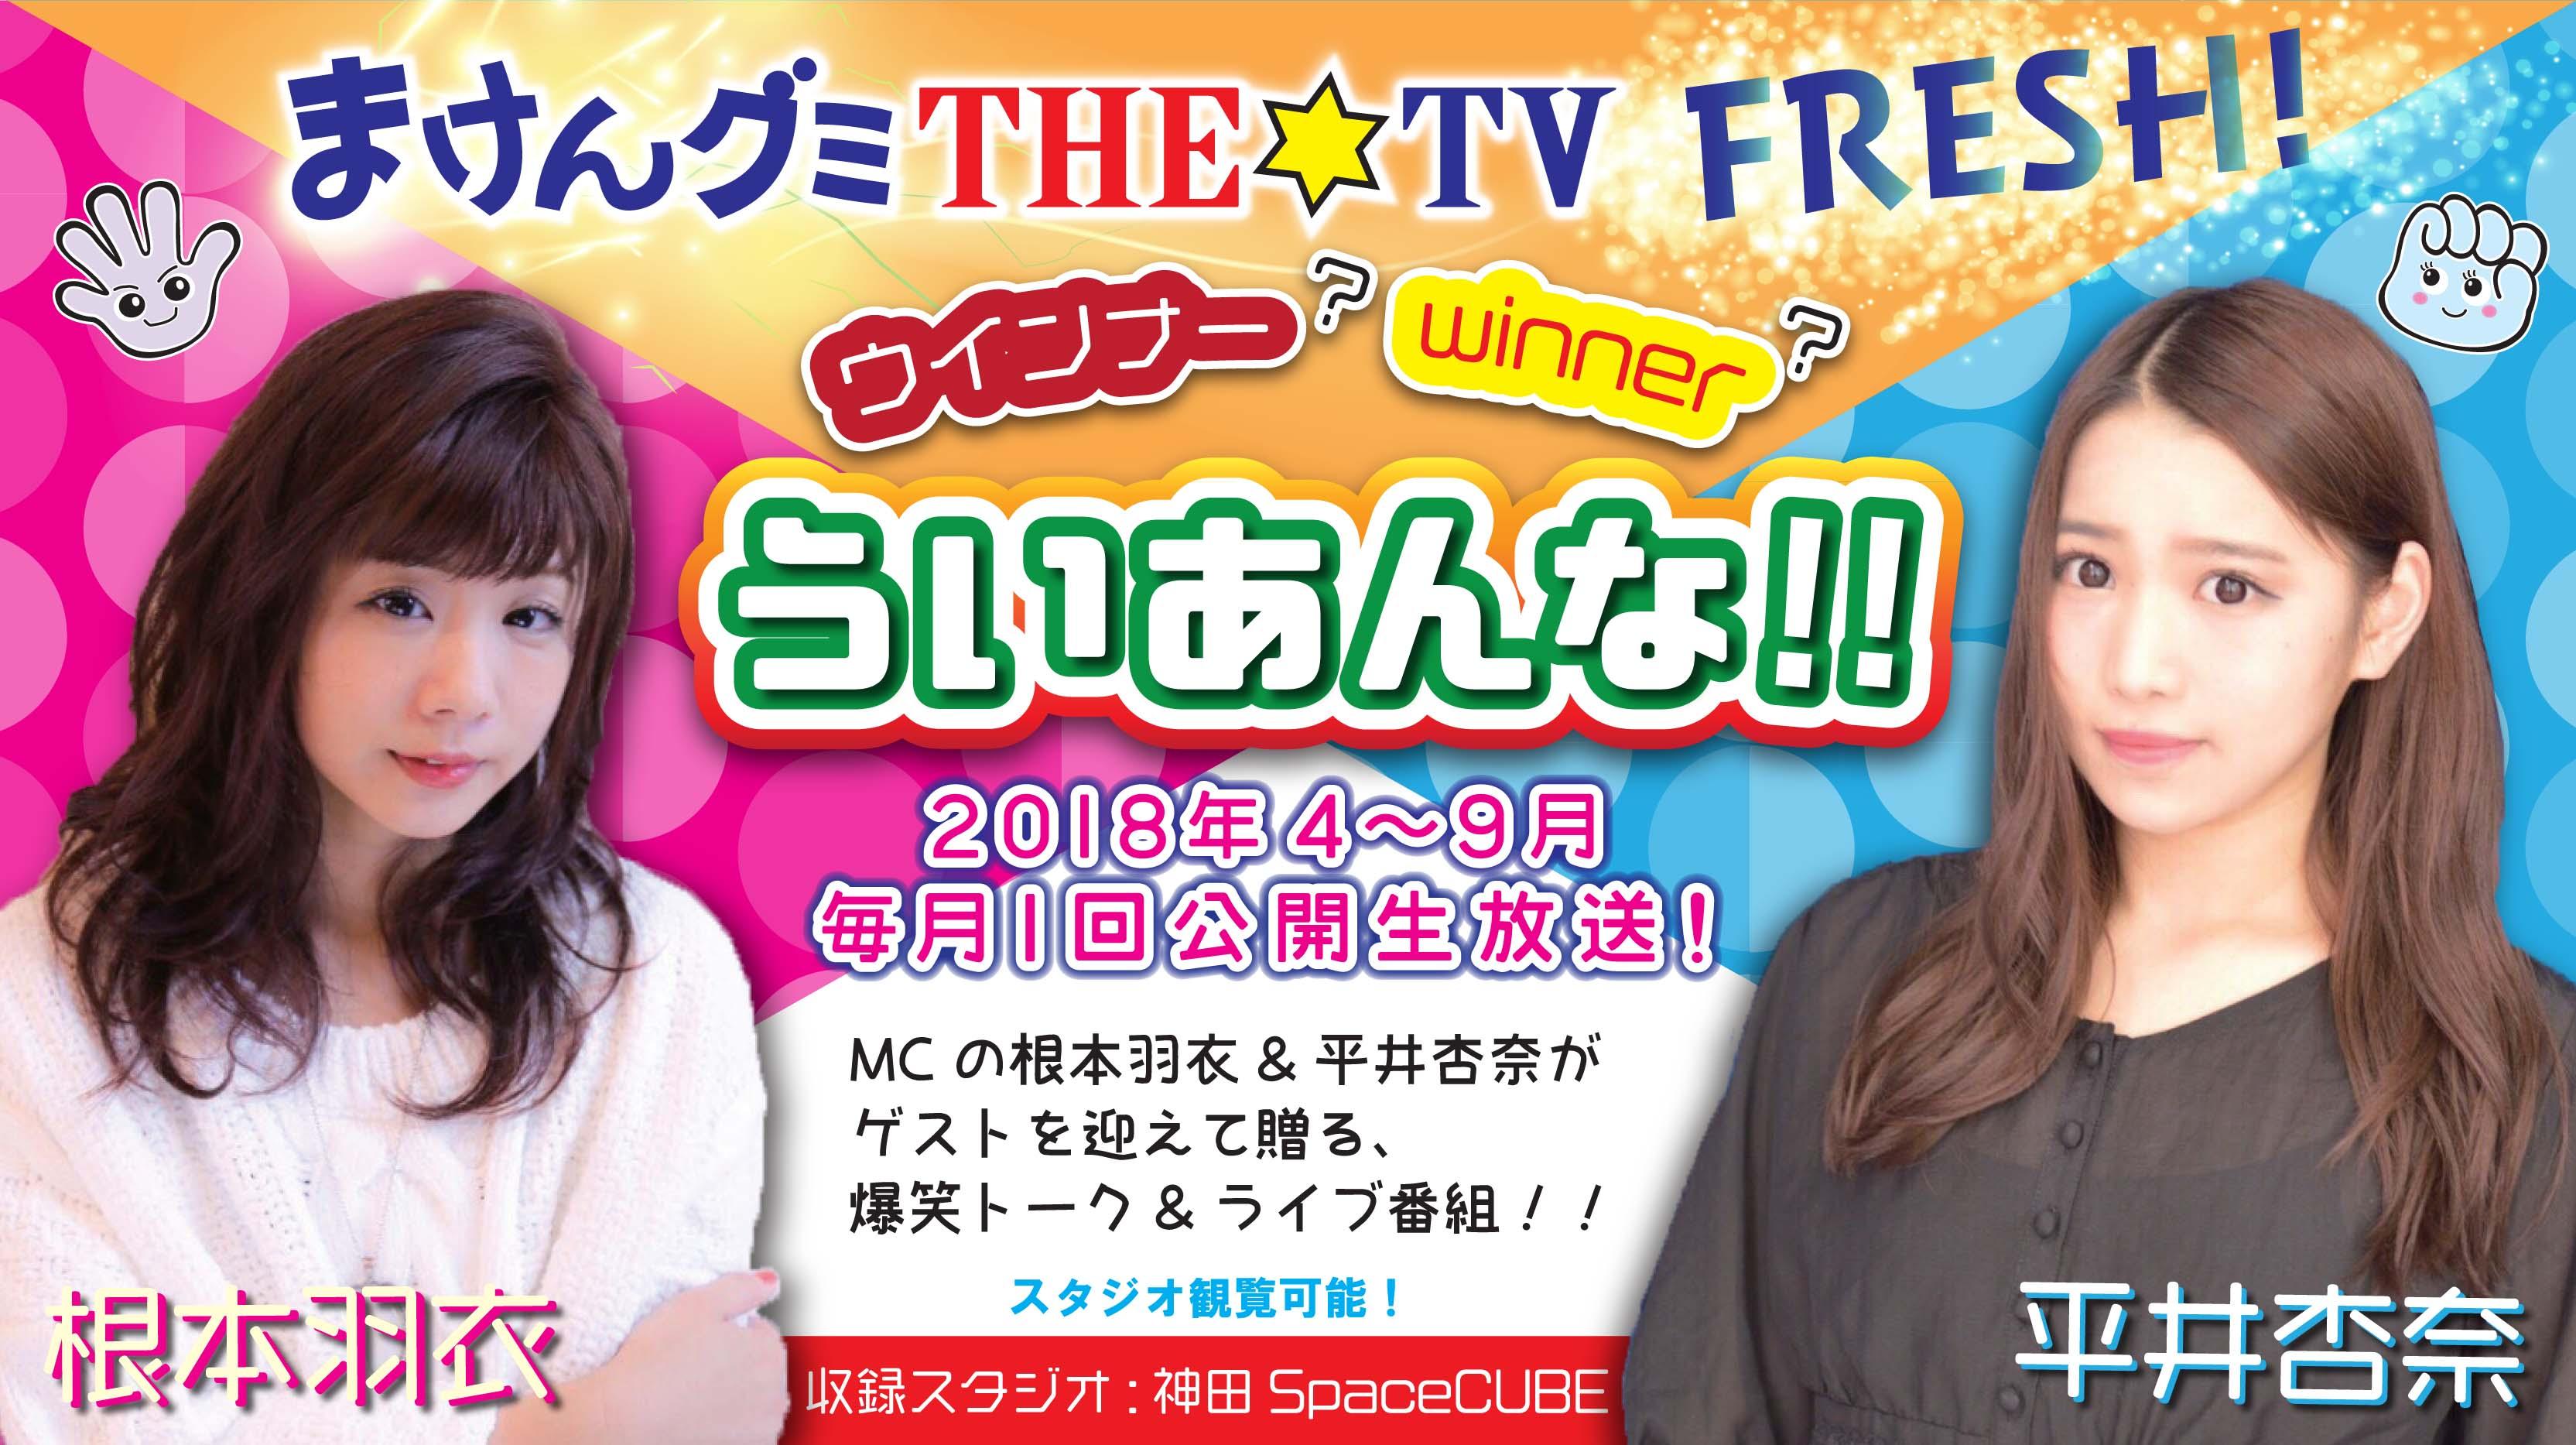 まけんグミTHE☆TV FRESH!『ウインナー?winner?ういあんな!』